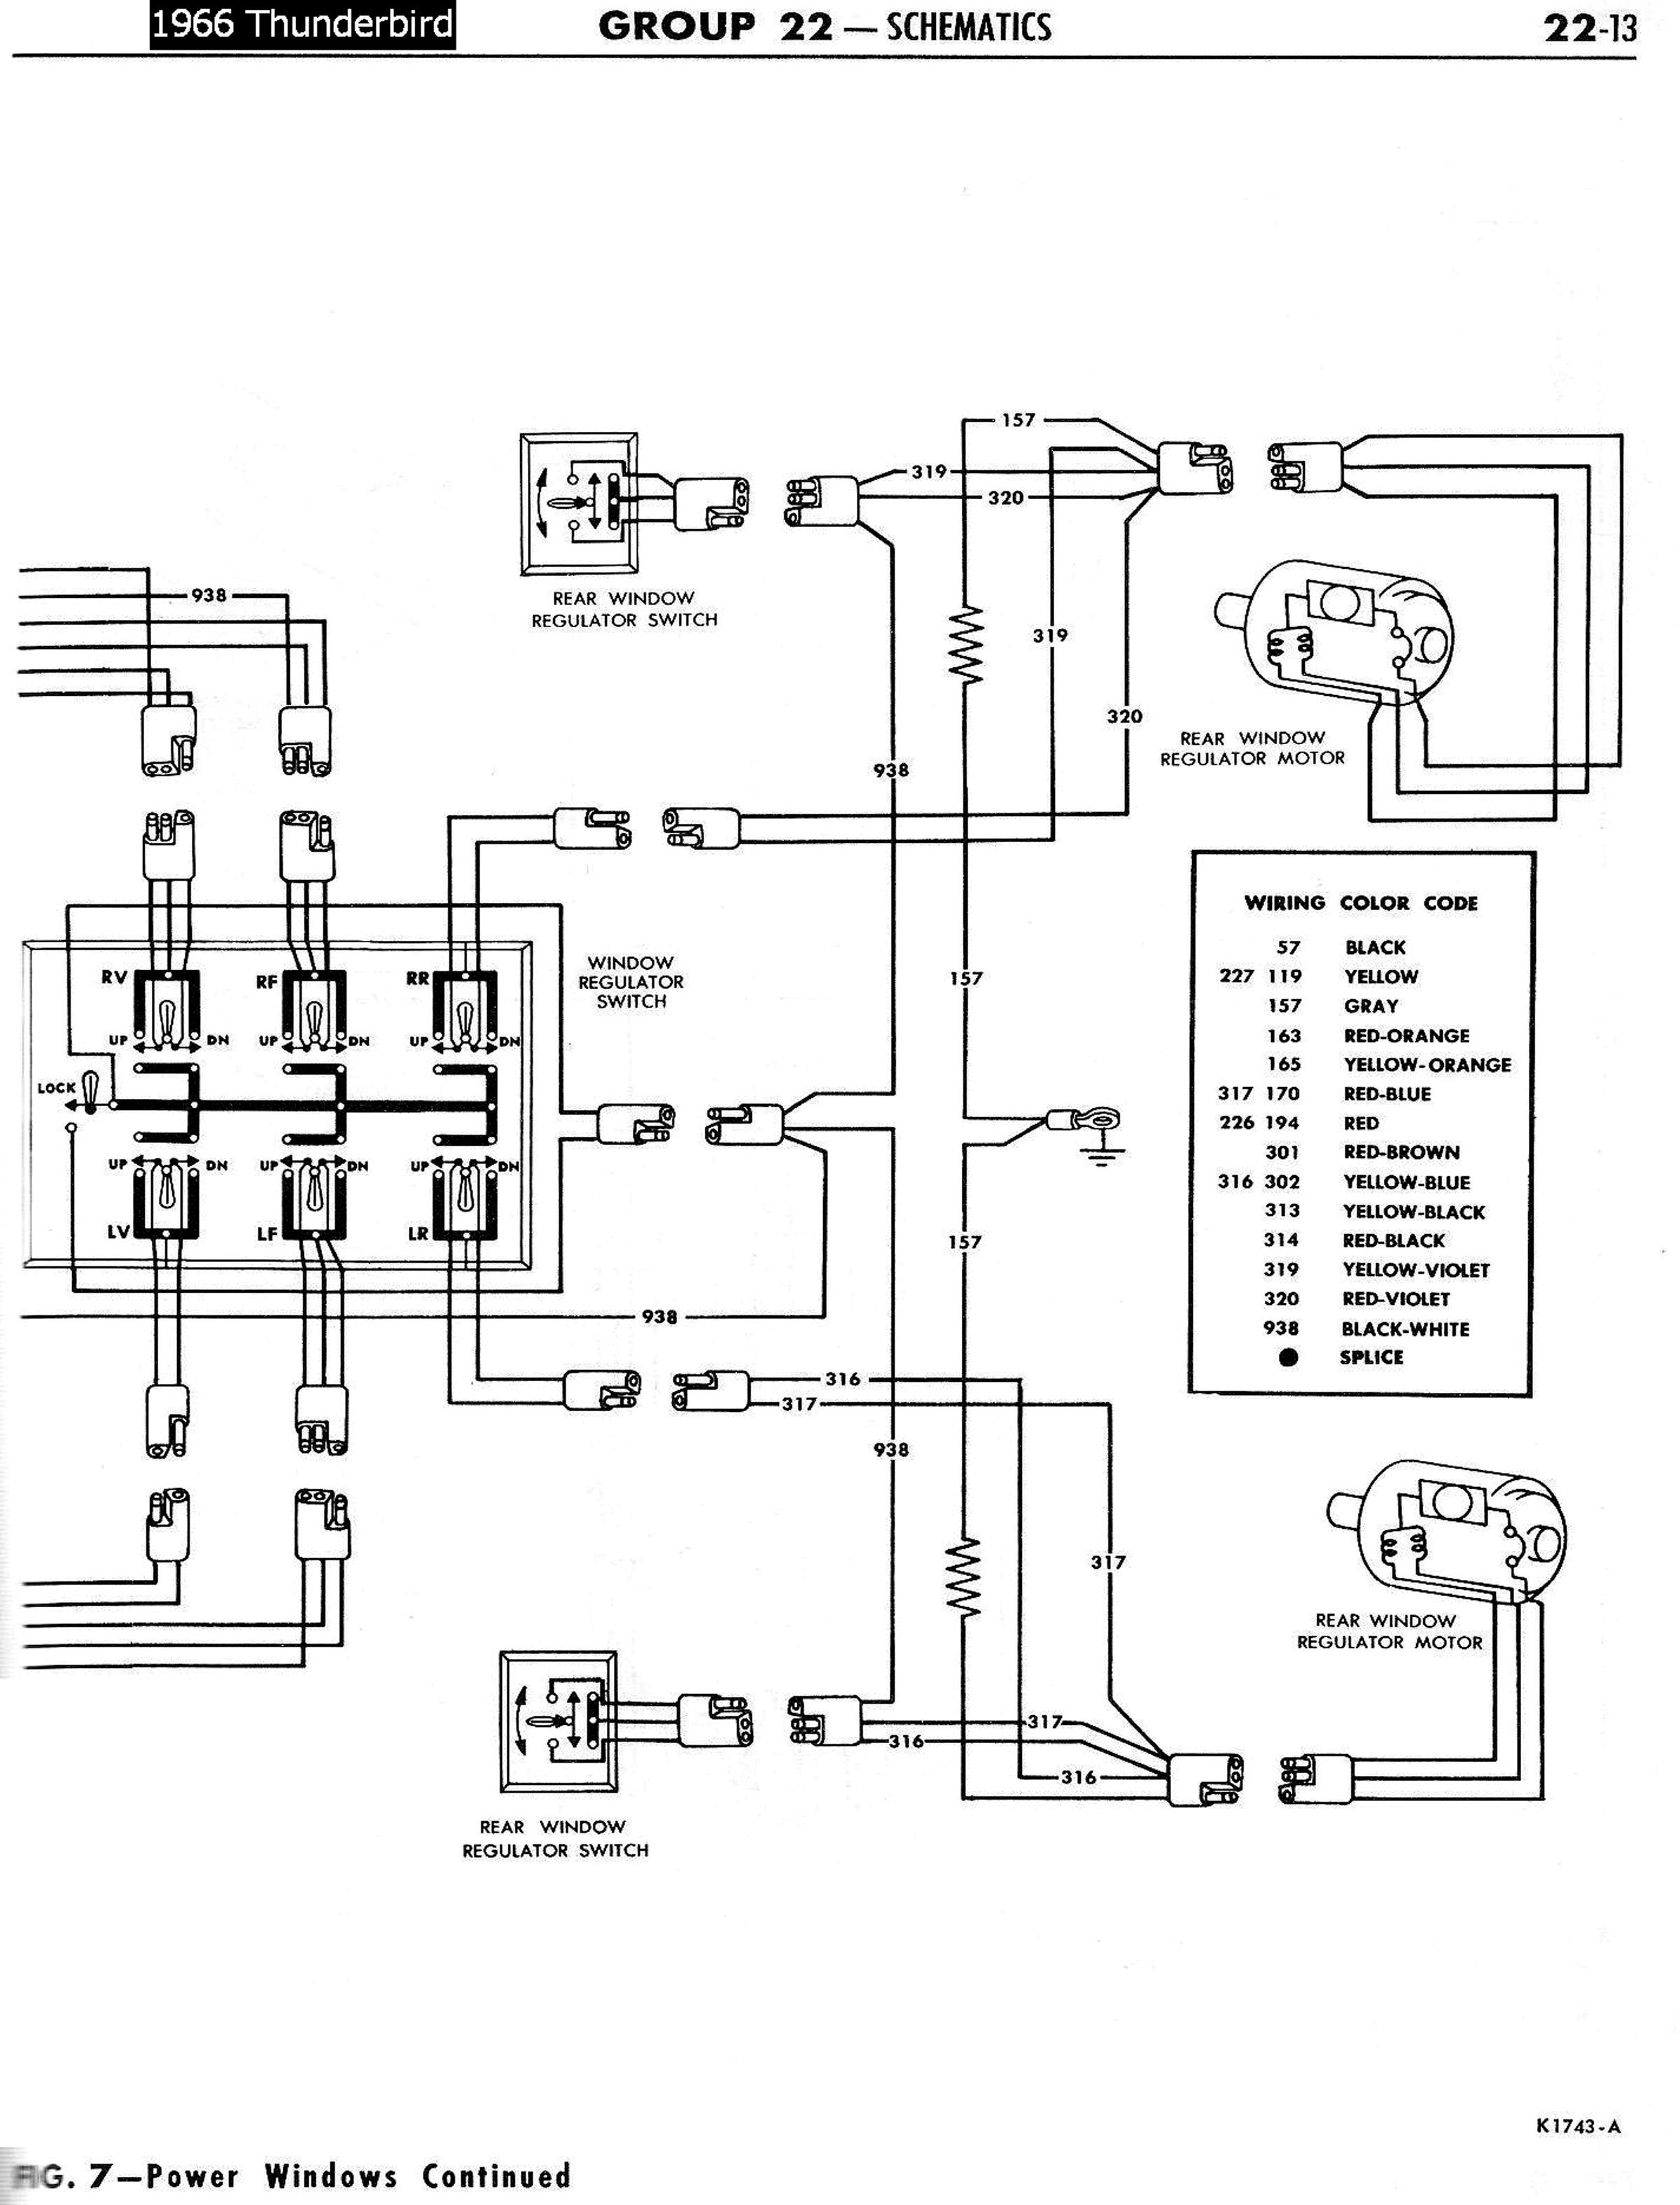 66 thunderbird radio wiring diagram